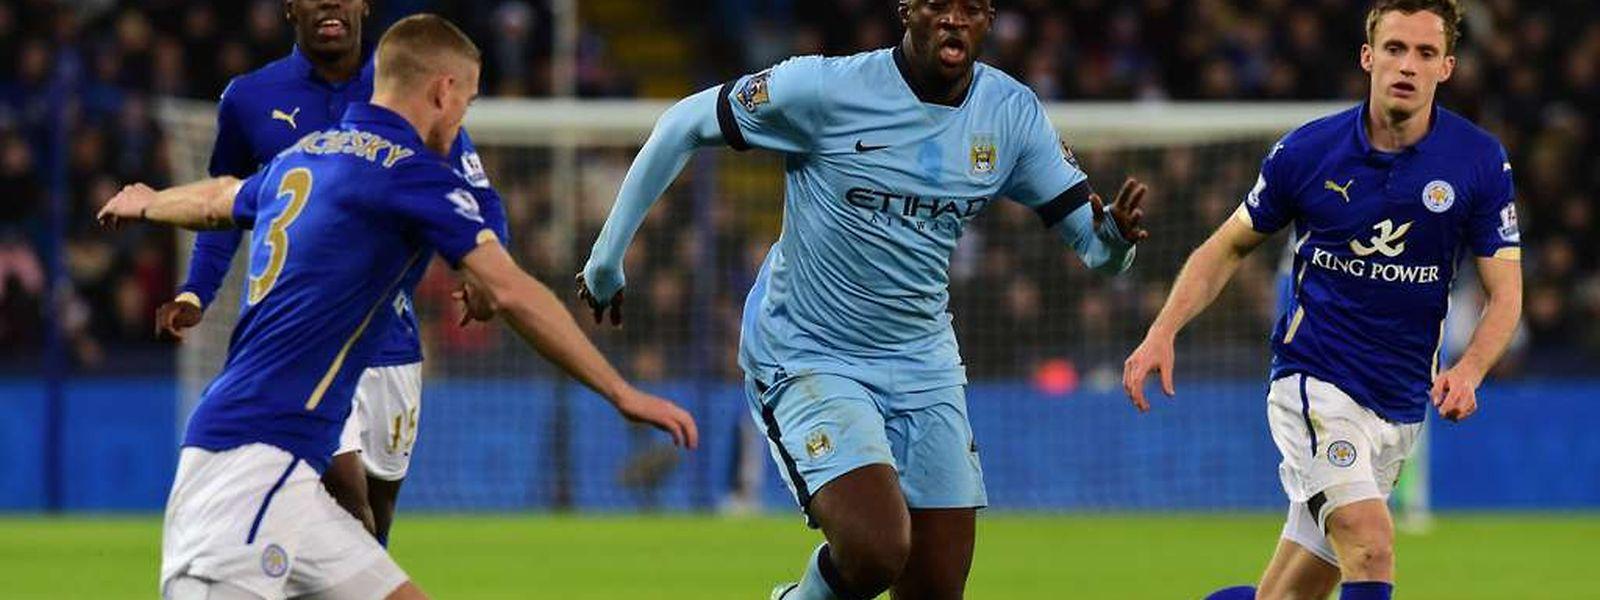 Yaya Touré und Manchester City trafen bereits in der vergangenen Saison im Achtelfinale auf den FC Barcelona. Damals schied der englische Verein aus.